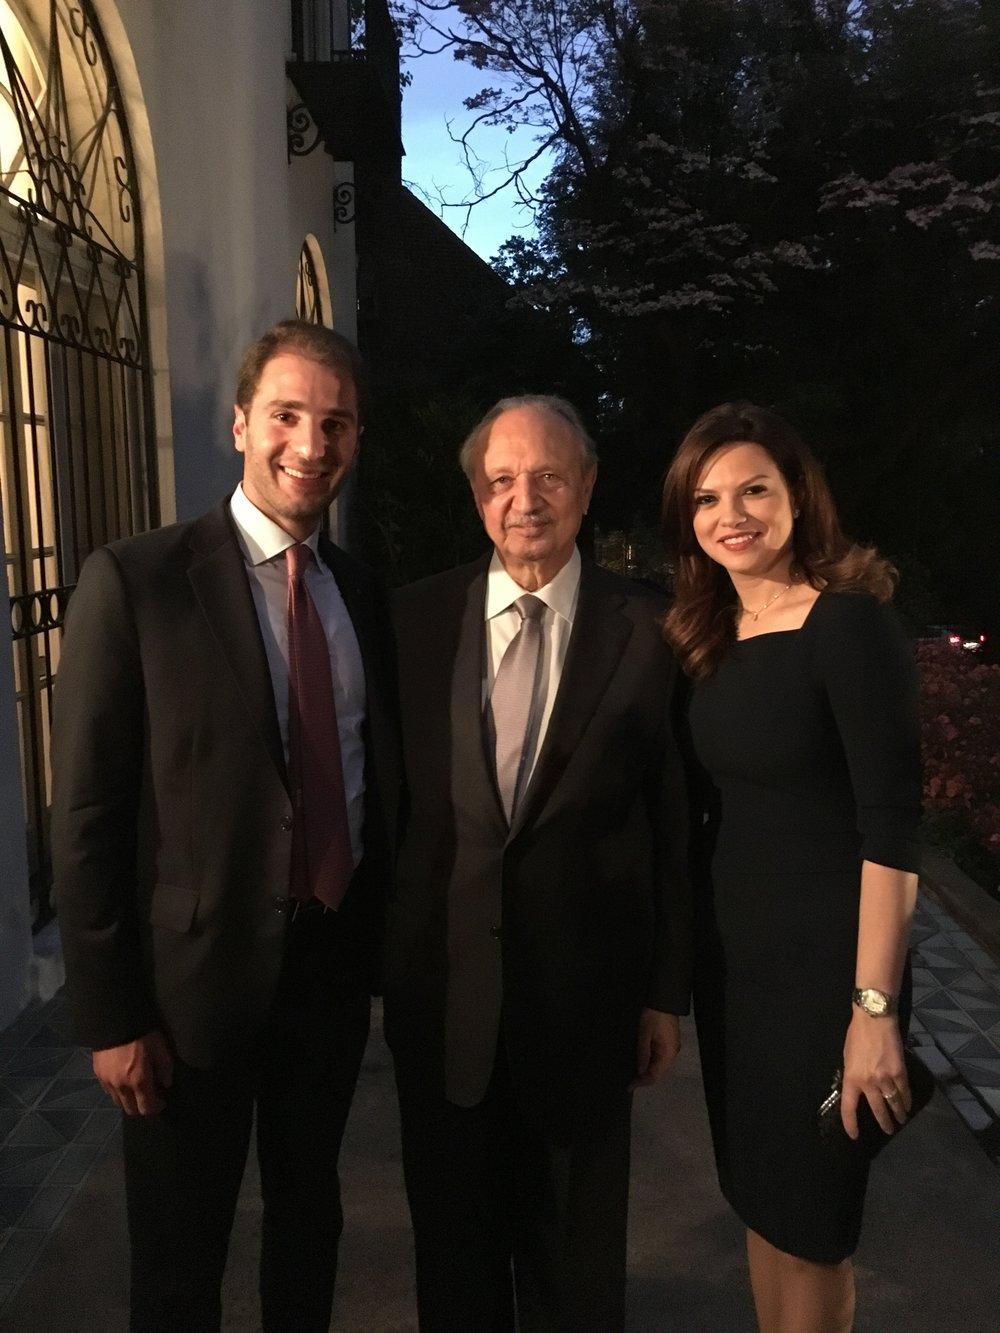 Paul Klimos, Violette Khairallah Safadi & Mohammad Safadi, Lebanese Minister of Finance